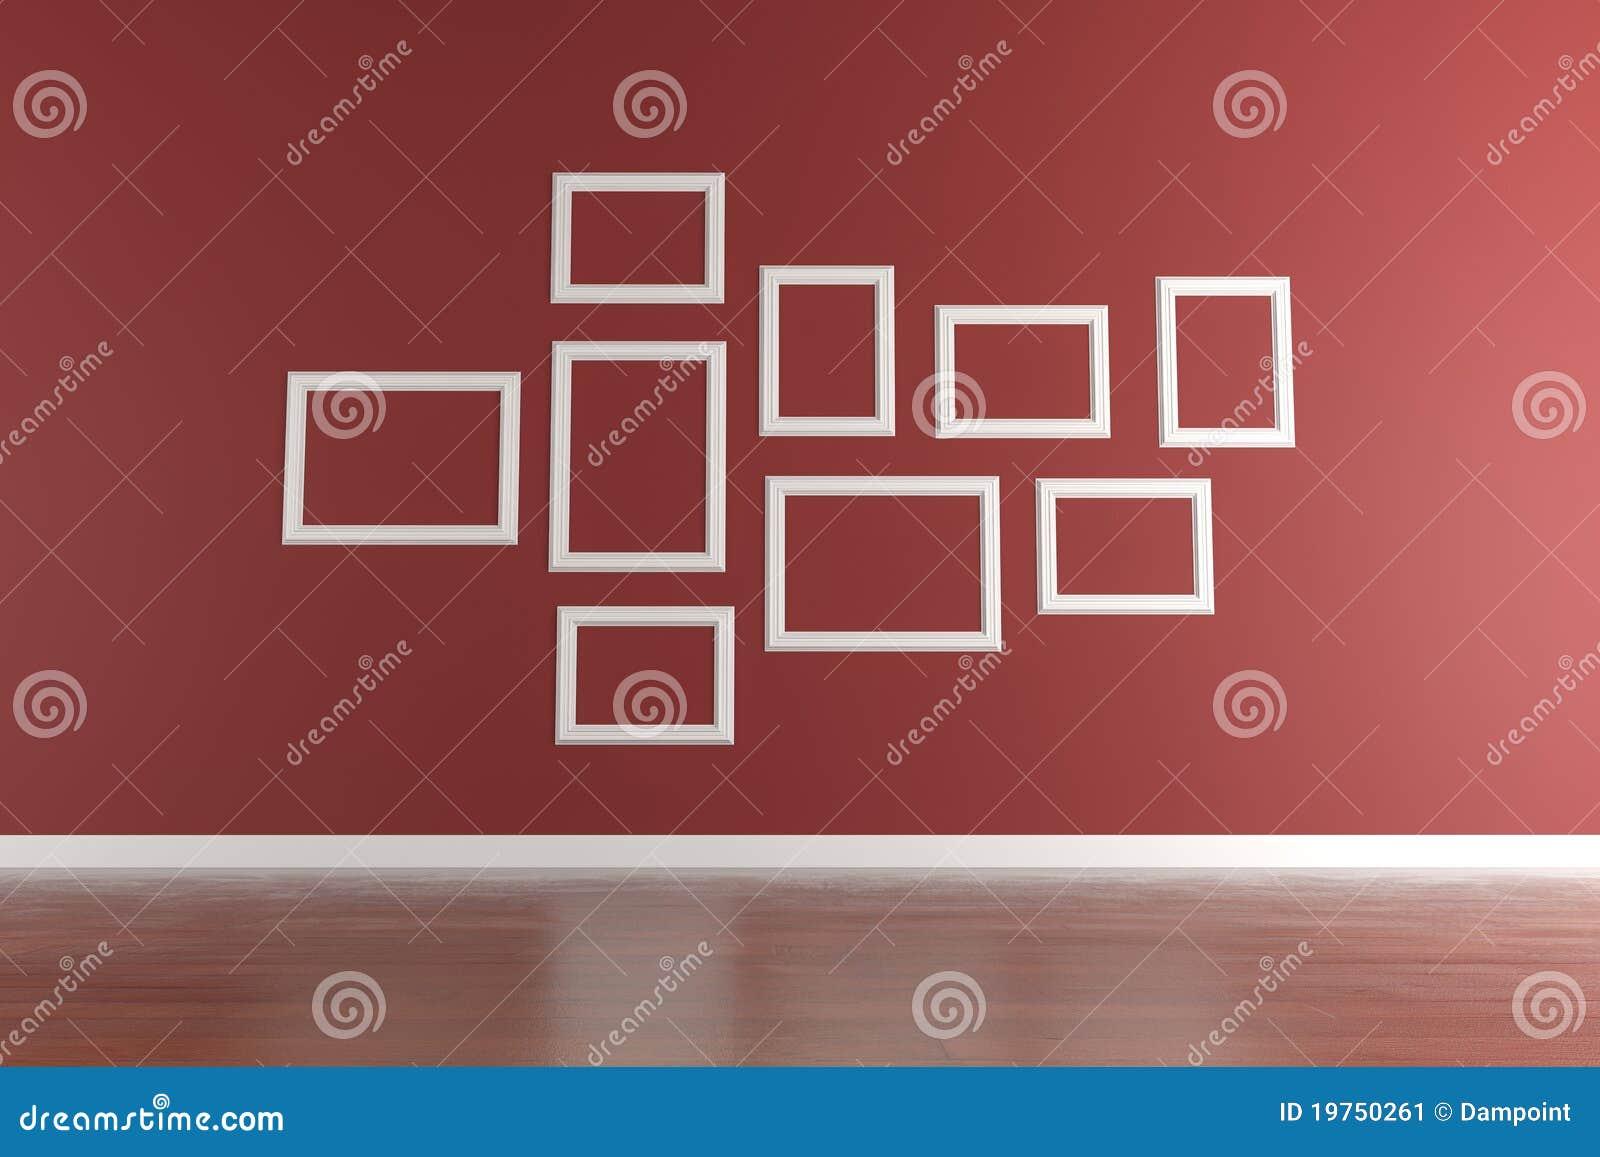 Weiße Bilderrahmen Auf Roter Wand Stock Abbildung - Illustration von ...